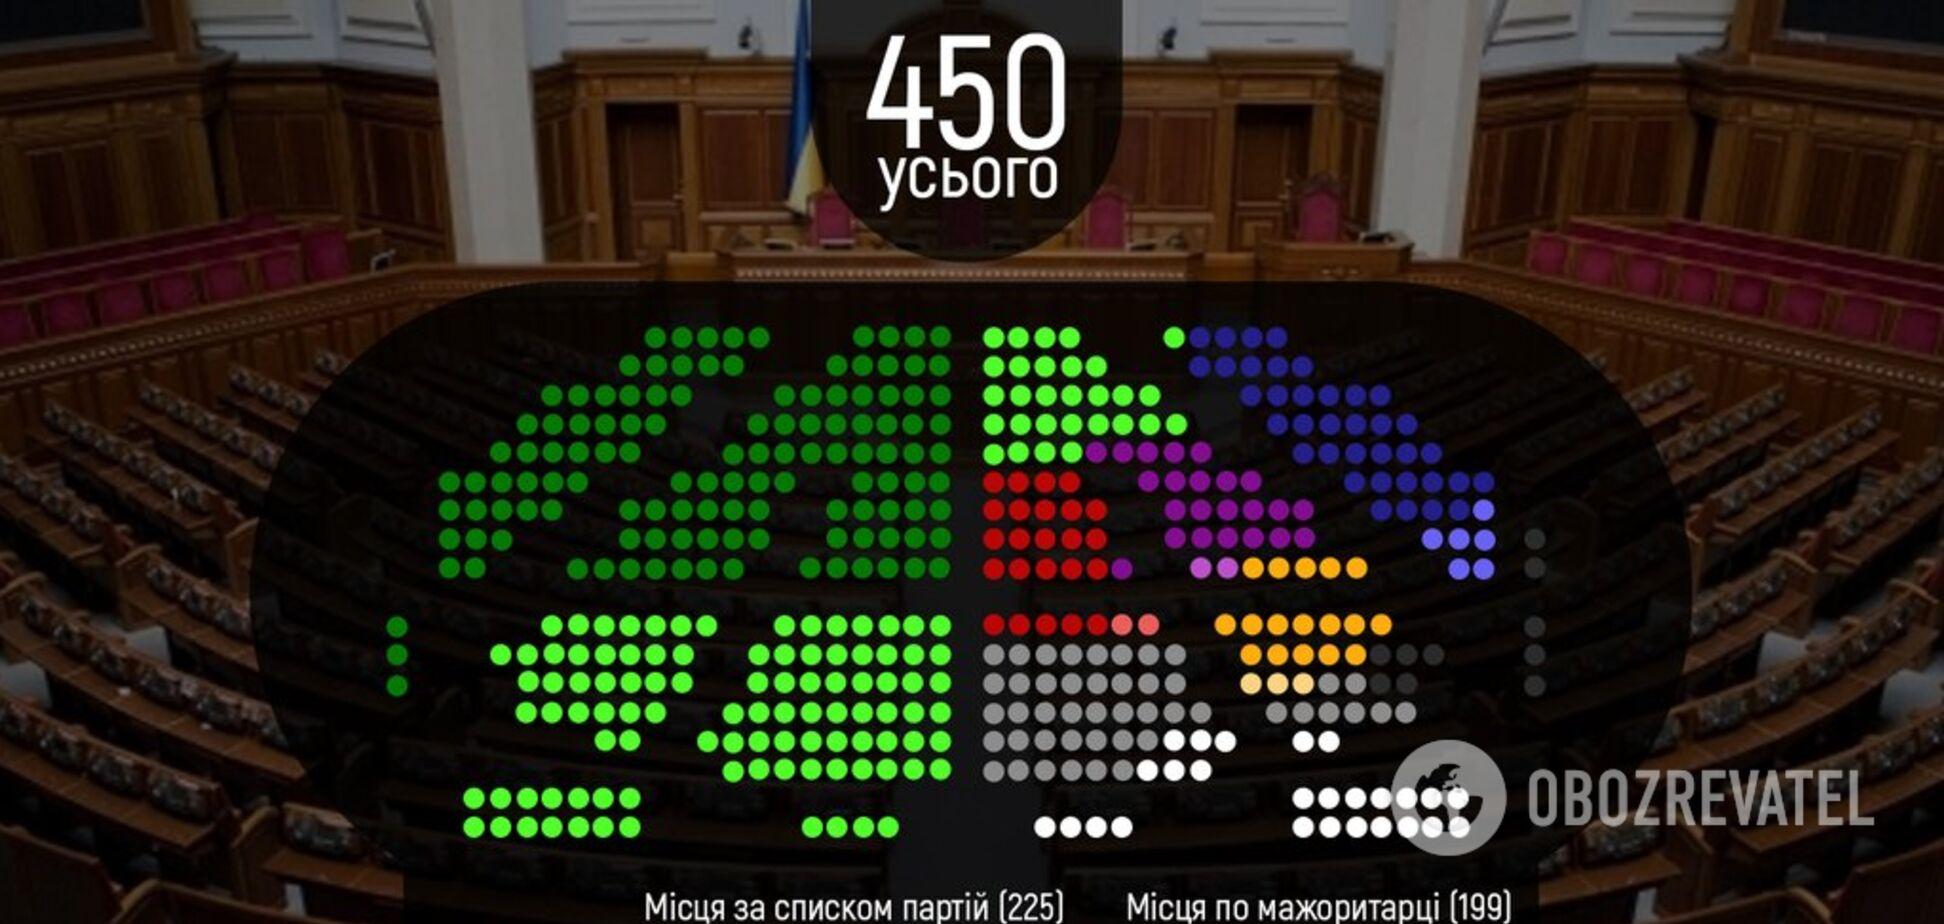 Дострокові вибори в Україні: стало відомо, які партії потрапили в Раду